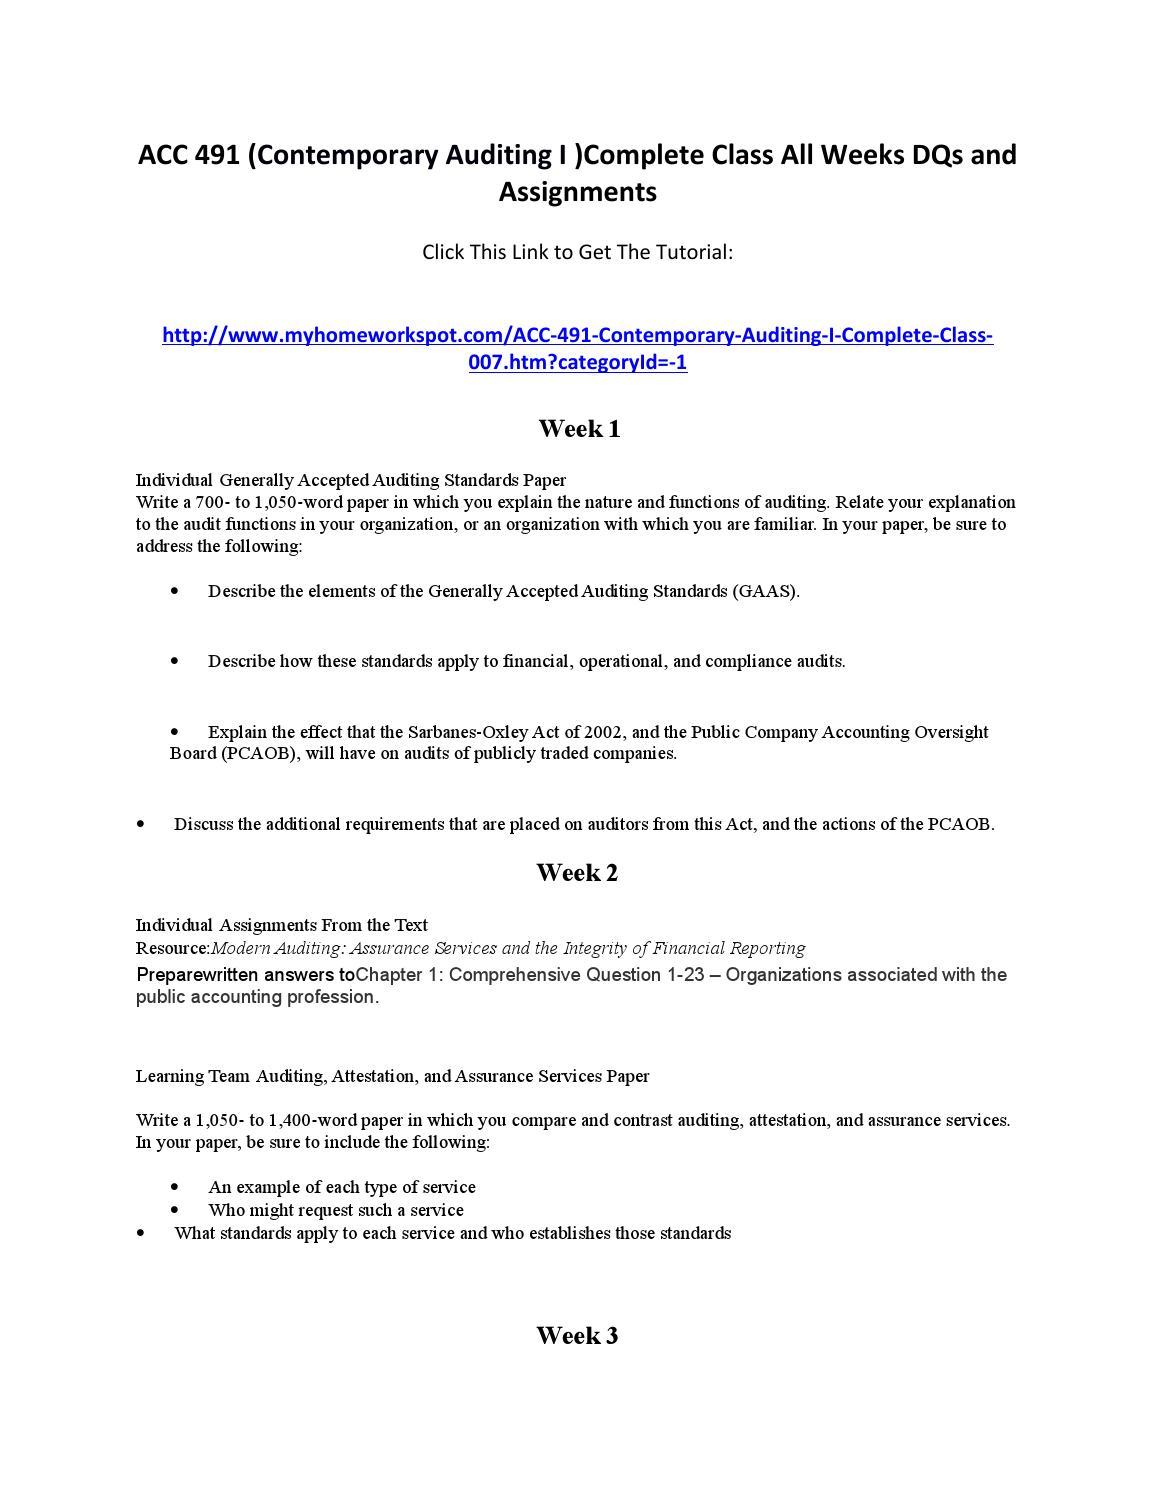 The academic essays